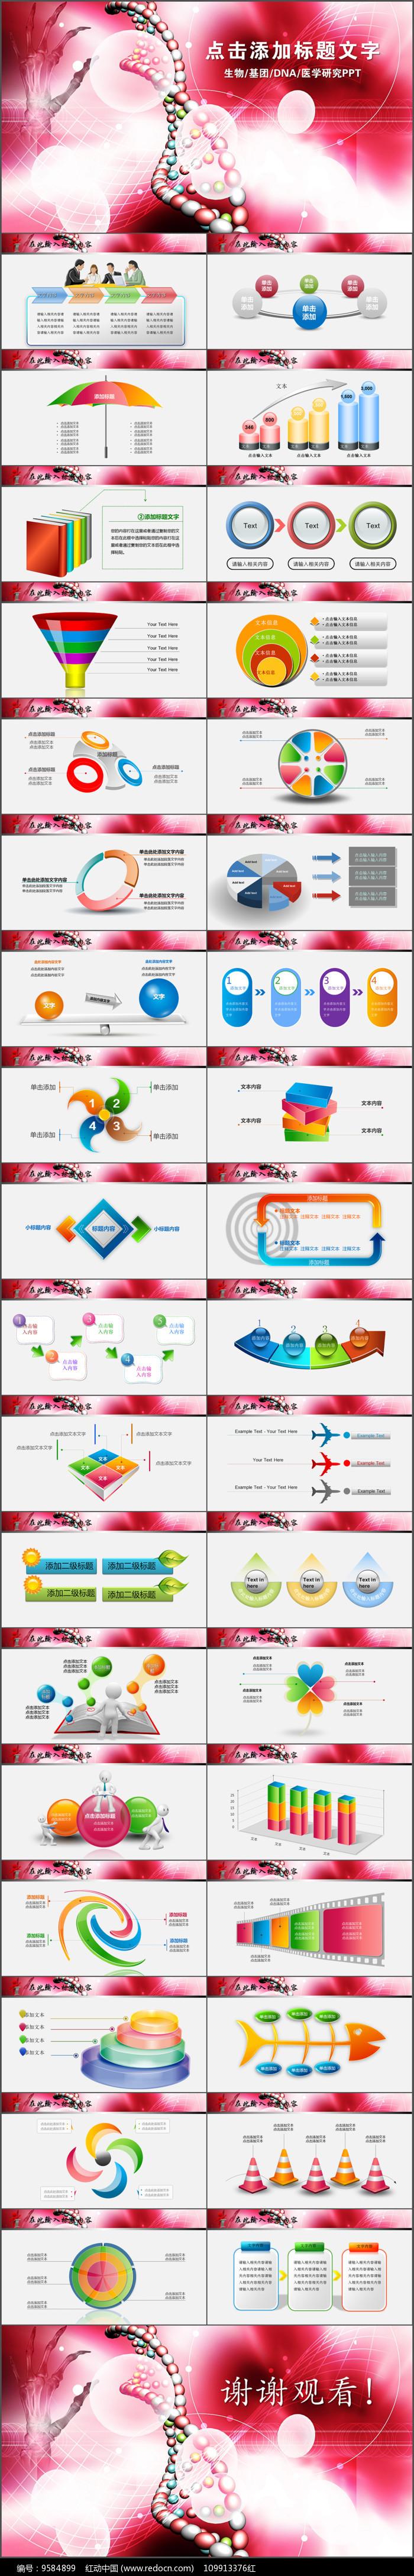 DNA基因化学化验PPT模板图片